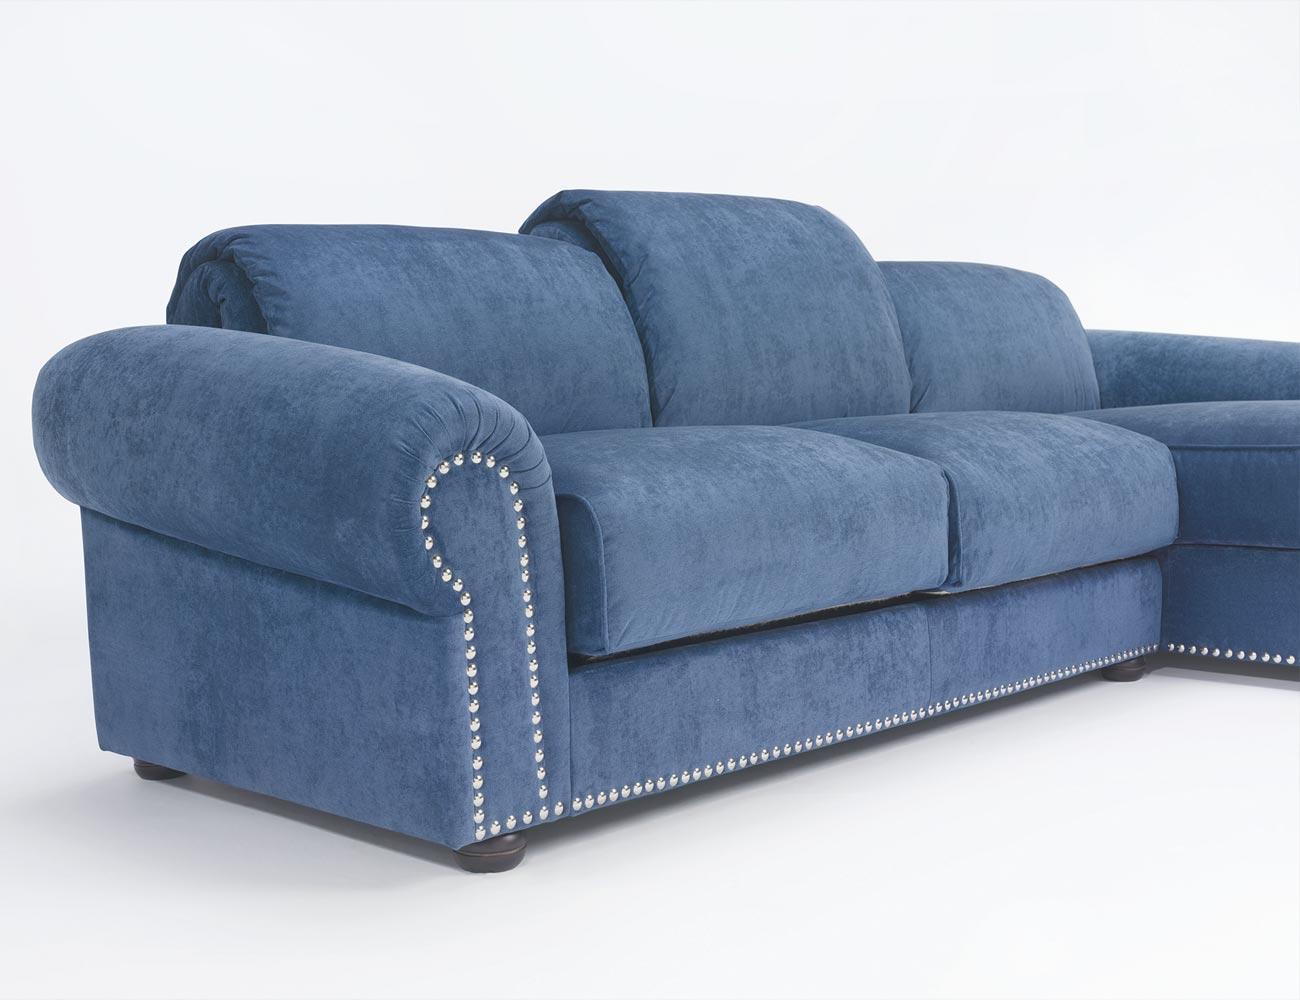 Sofa chaiselongue gran lujo decorativo azul 142